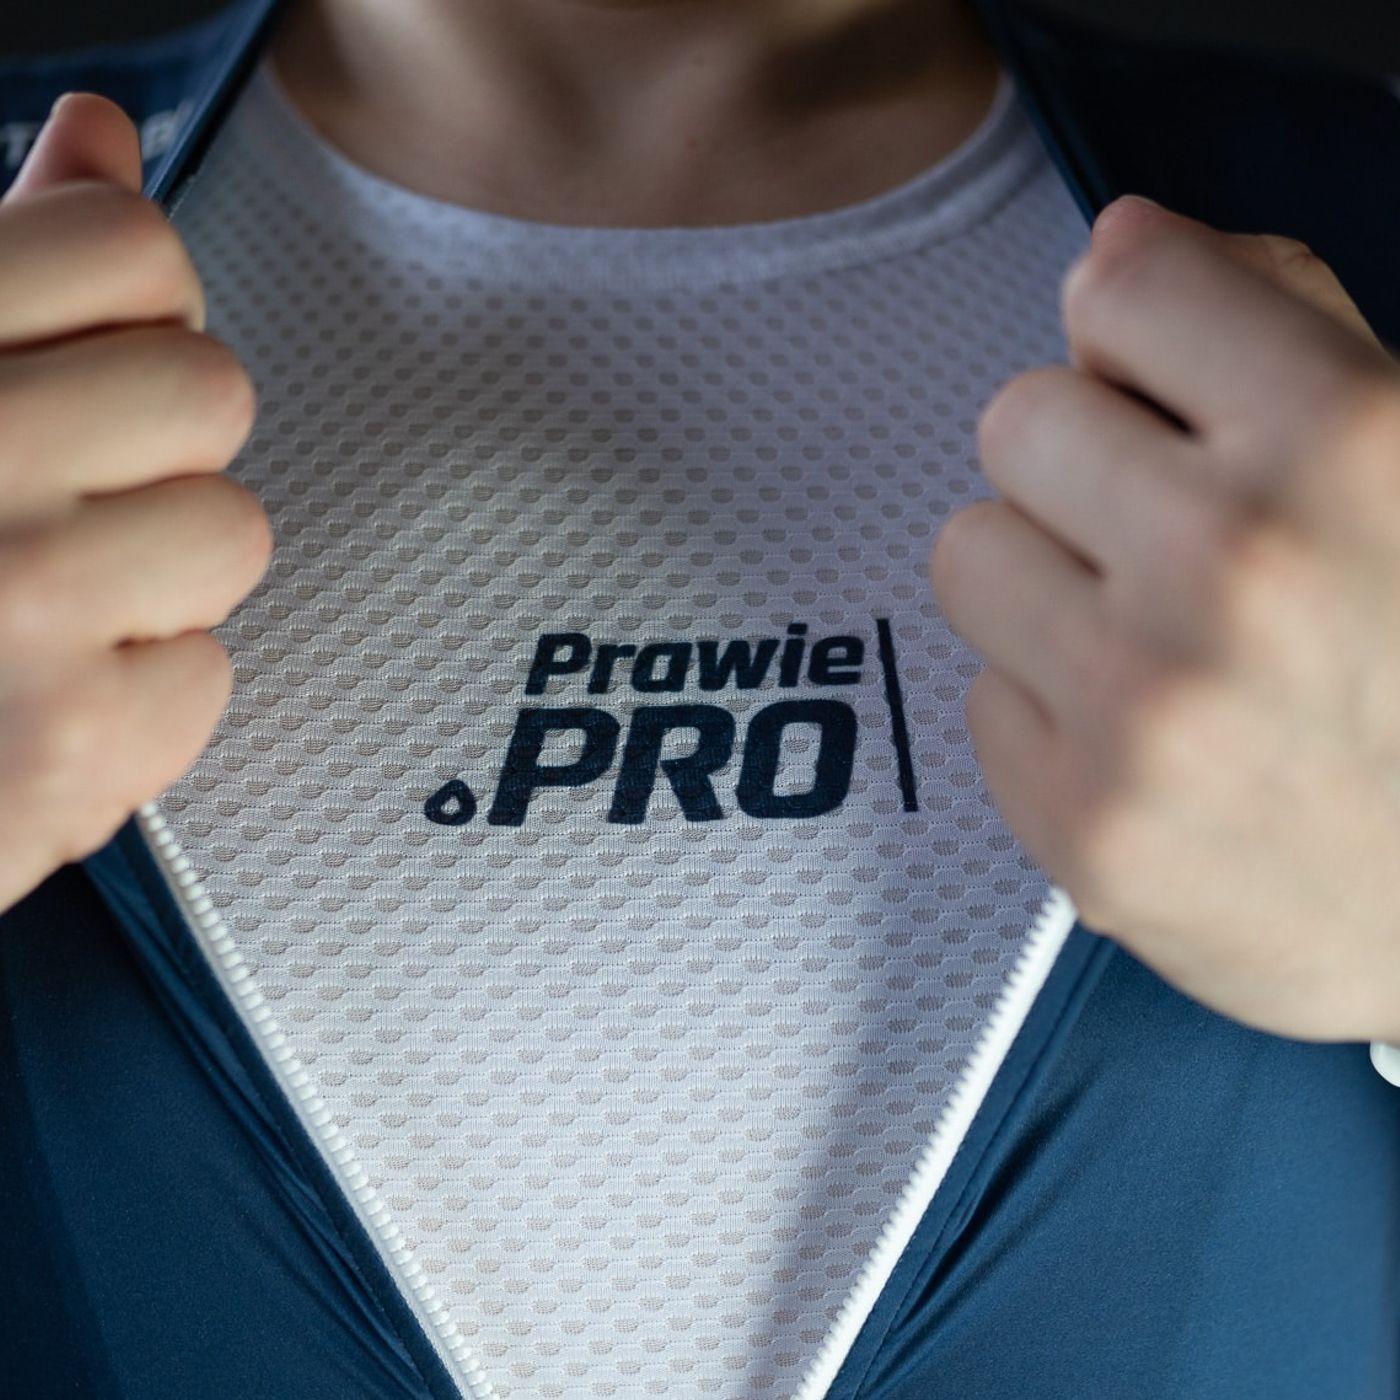 Leszek Prawie.PRO